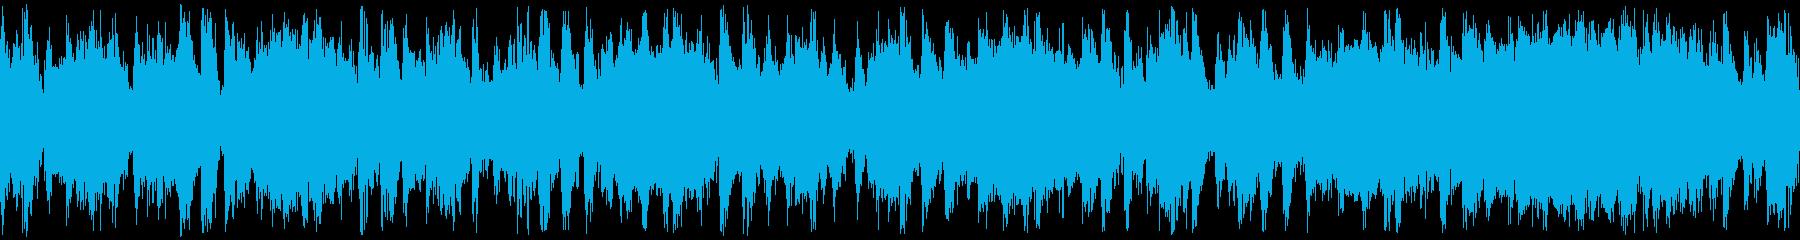 サックスとギターのロック系ループBGMの再生済みの波形